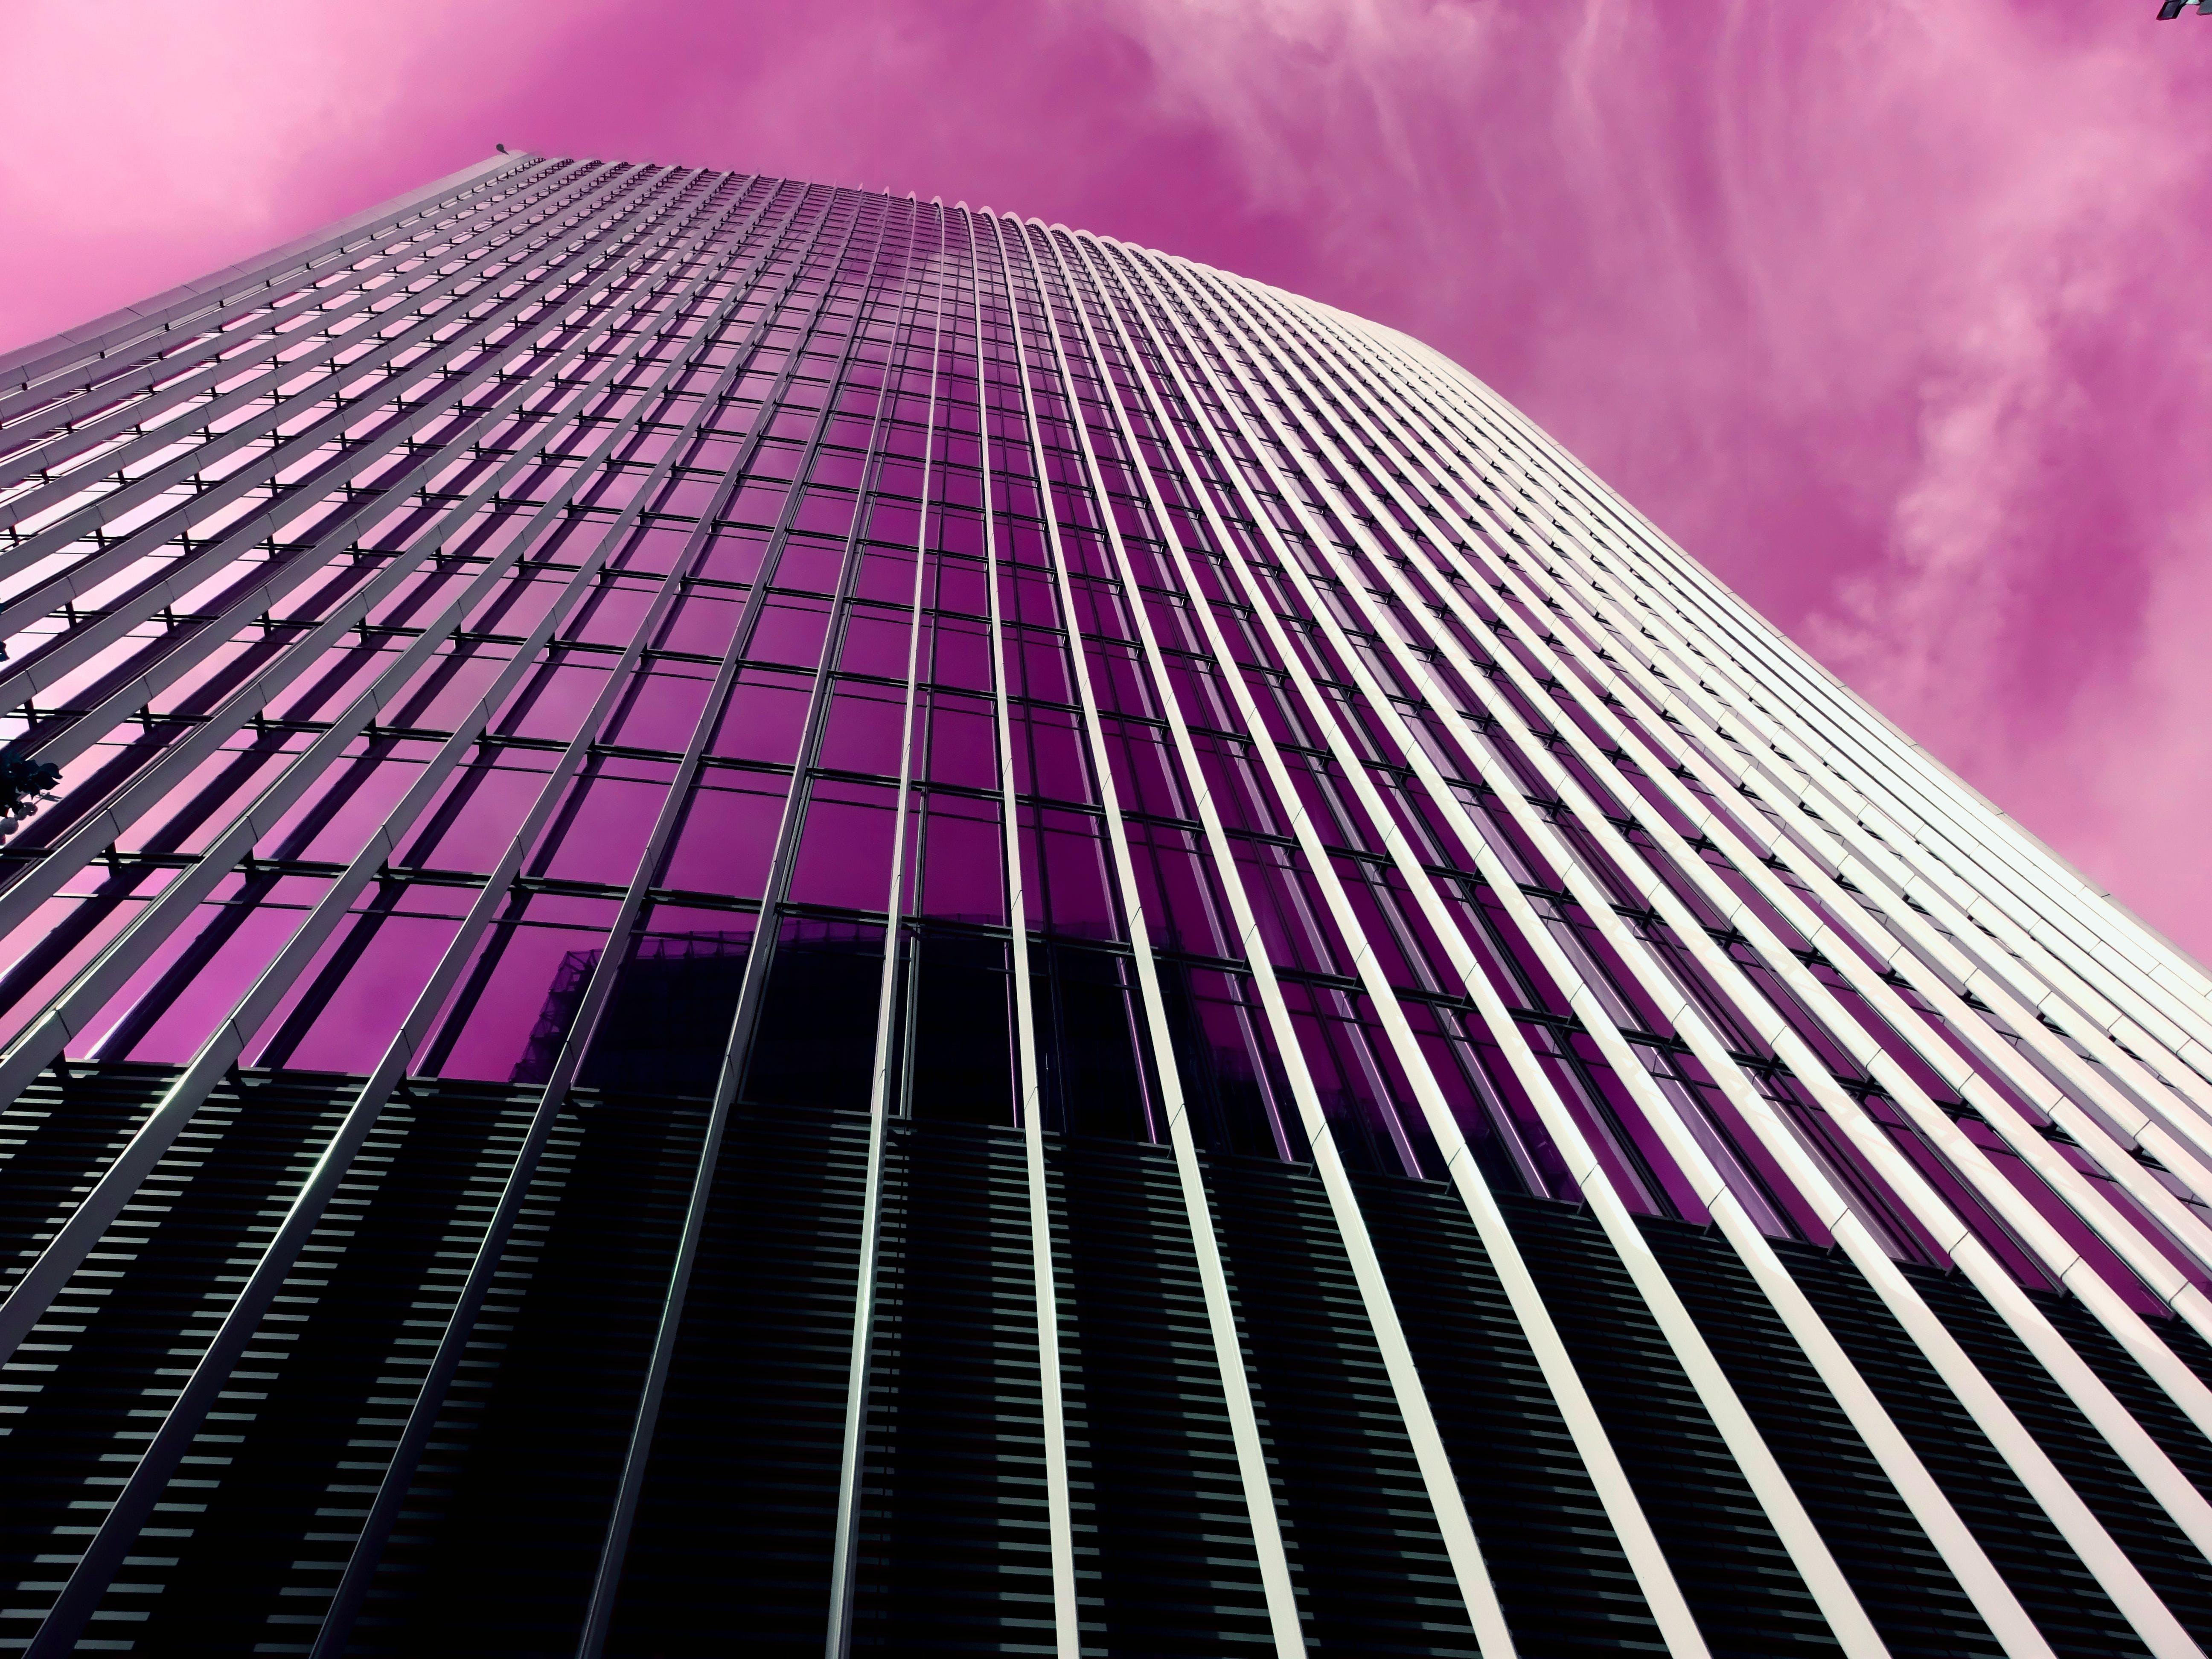 低角度拍攝, 建築, 建造, 摩天大樓 的 免費圖庫相片